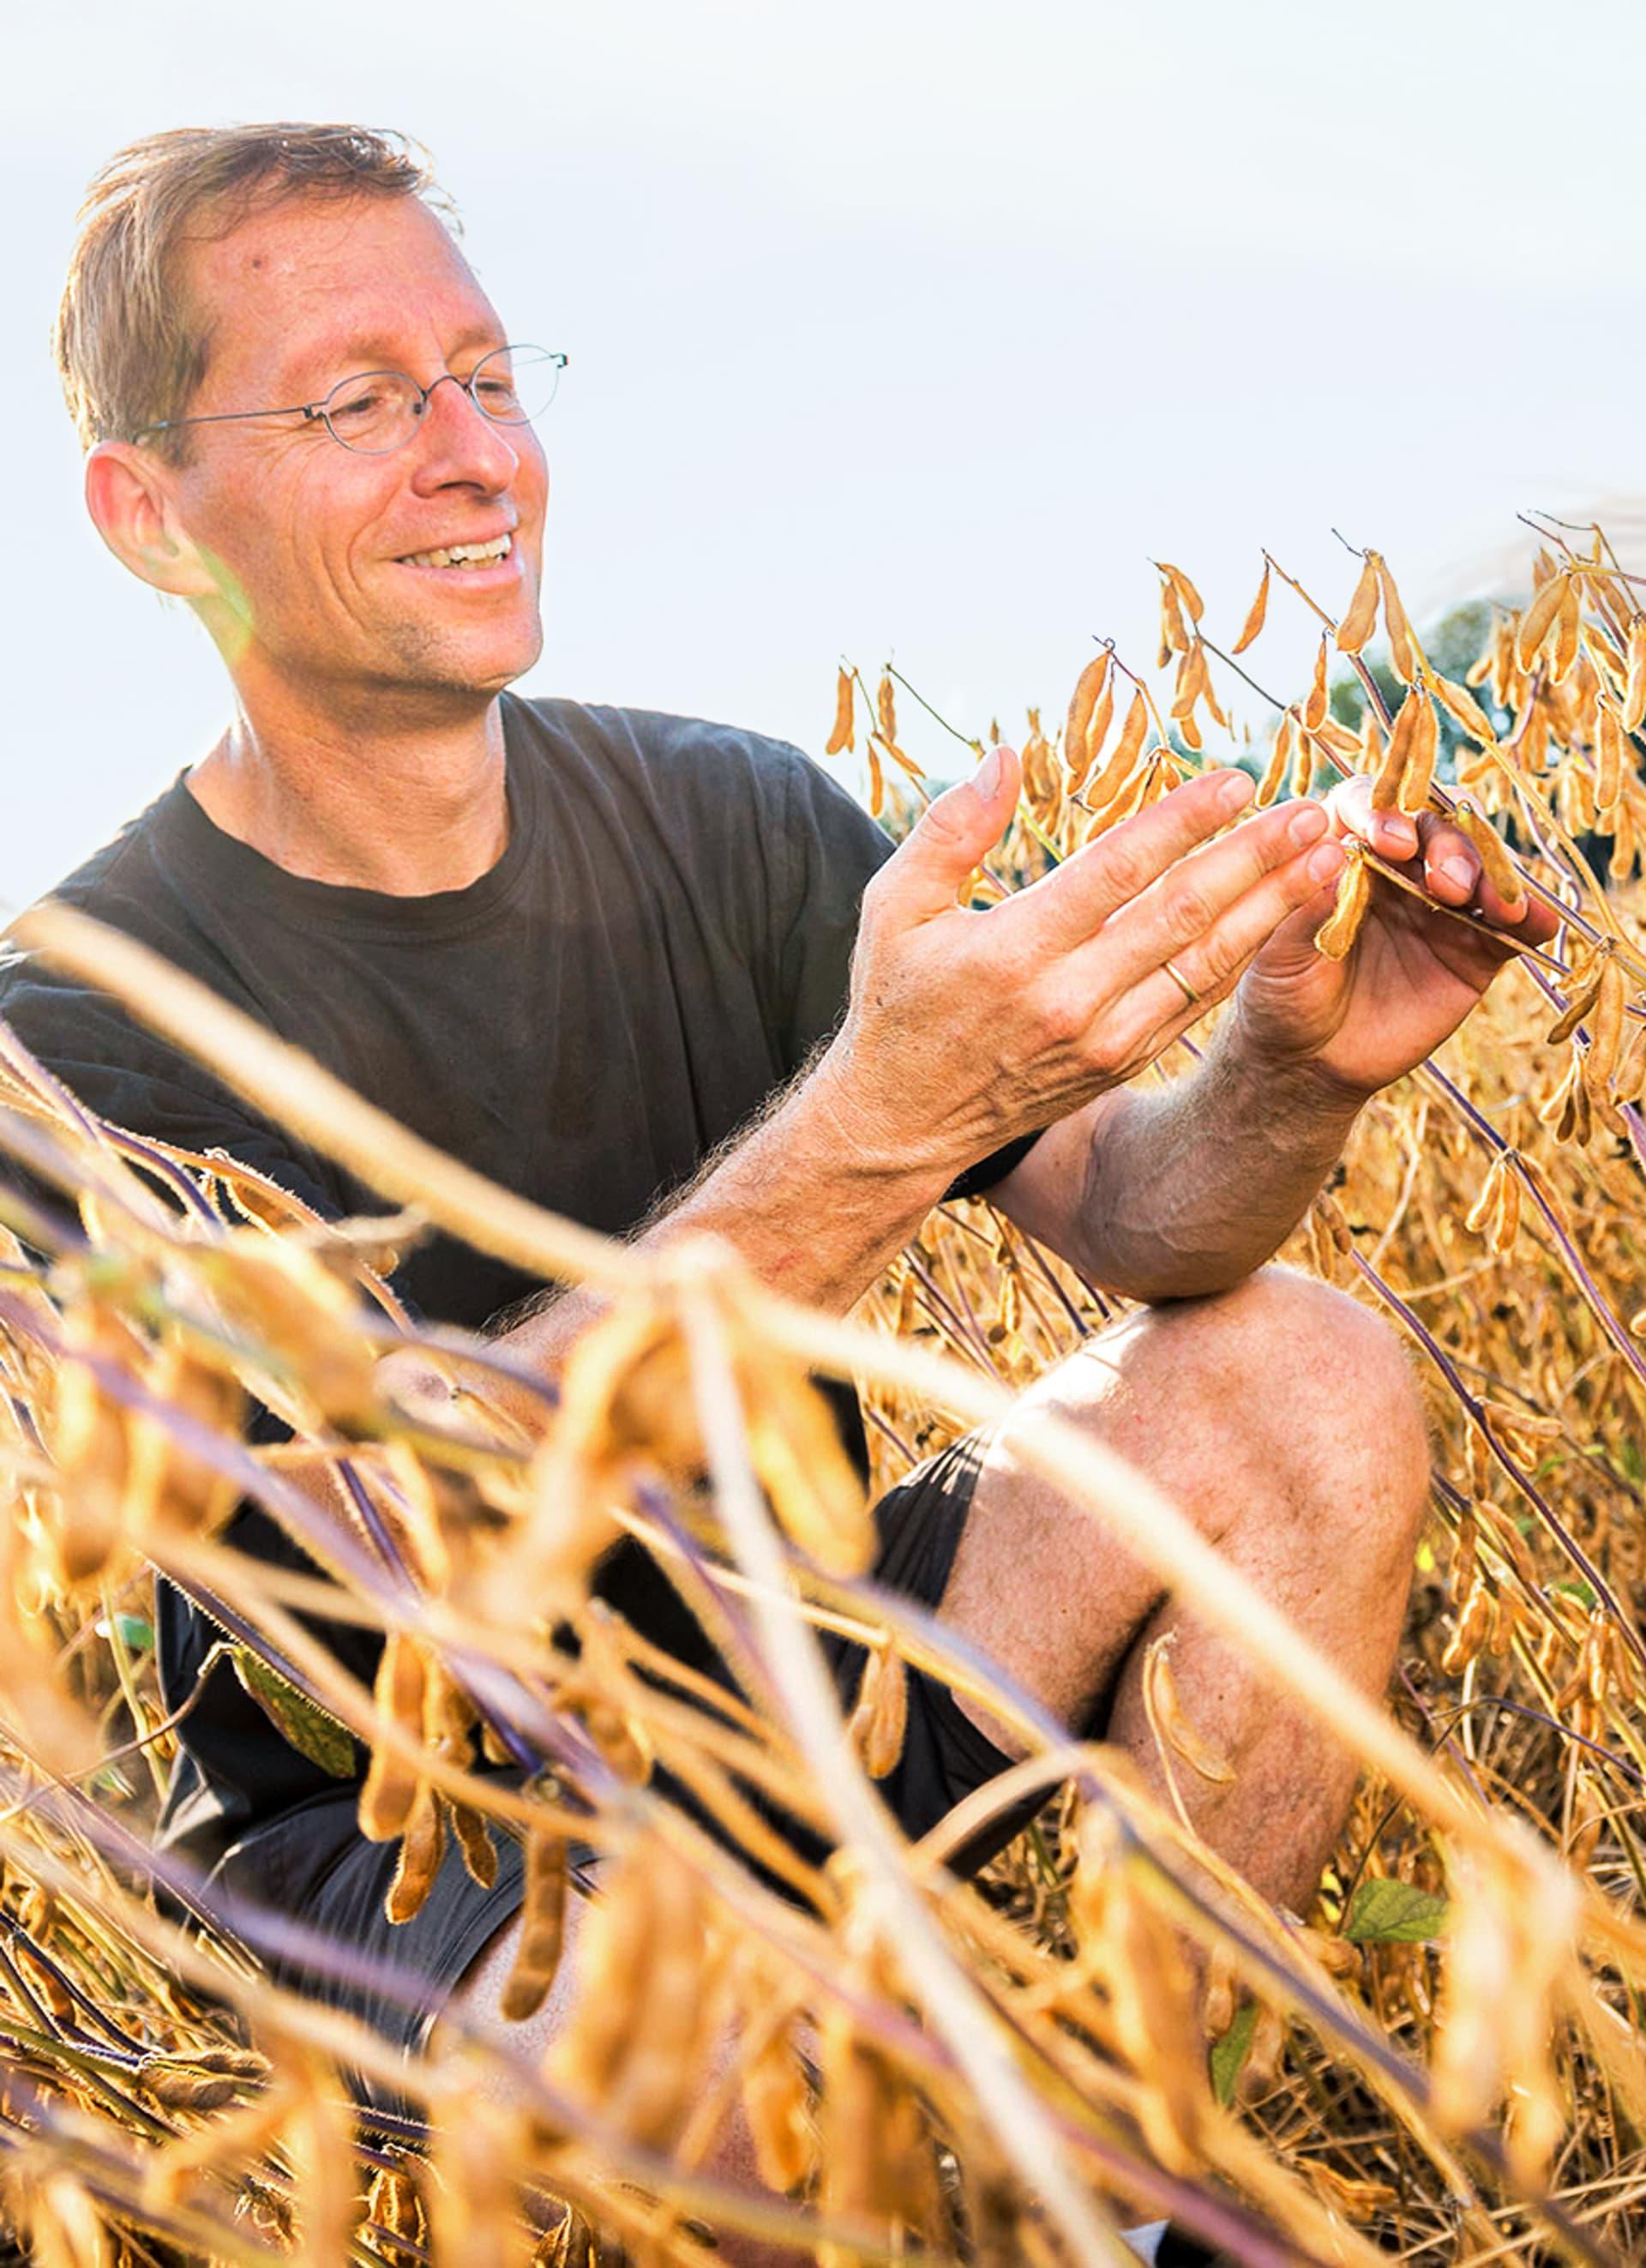 Mann sitzt in einem Feld Sojabohnen